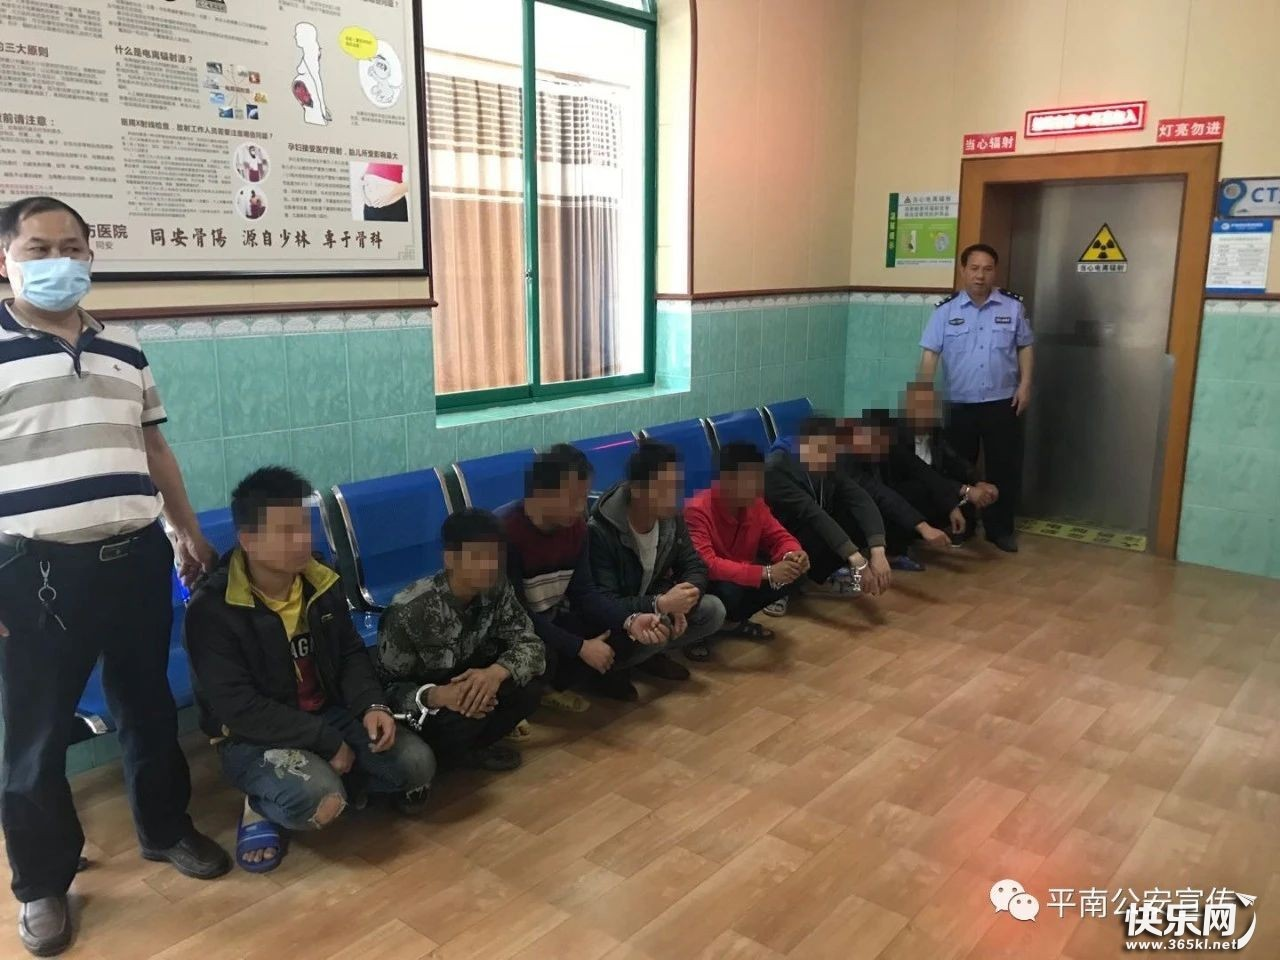 一次刑拘12人!贵港警方严厉打击非法采砂